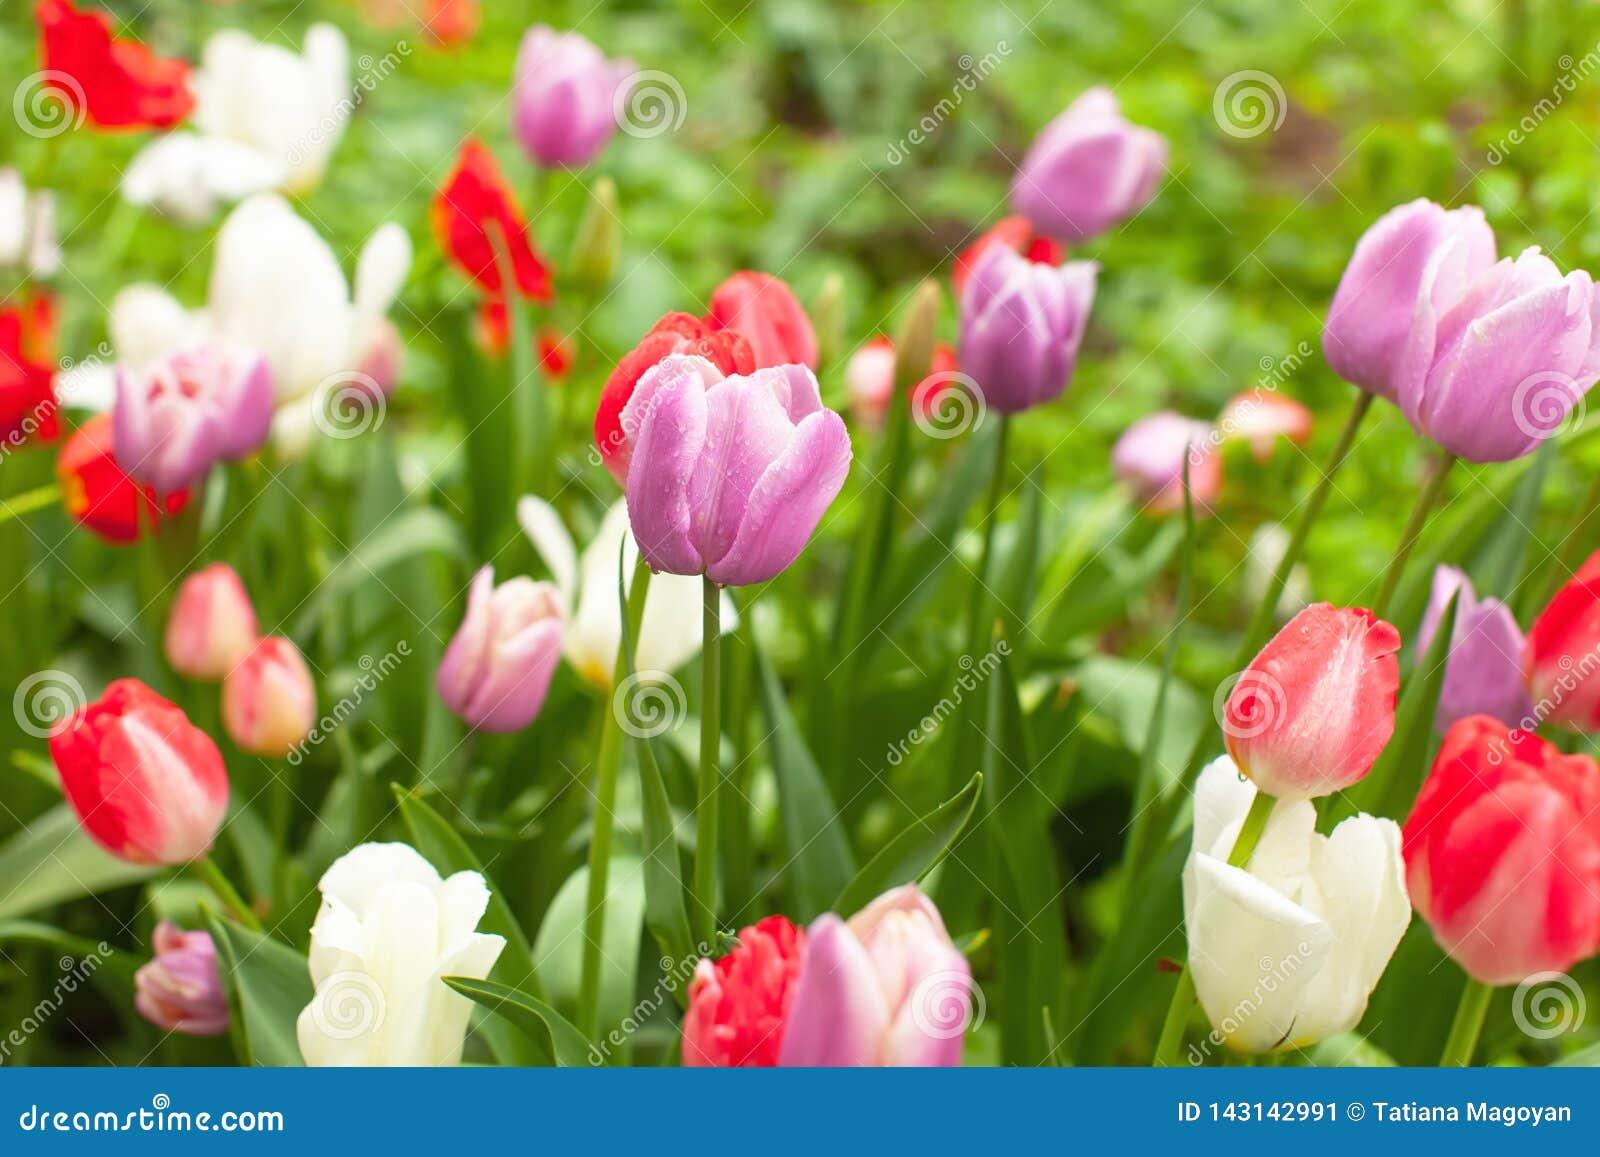 Belles tulipes multicolores lumineuses dans le parterre en parc ou jardin après pluie Les gouttelettes de pluie scintillent sur d